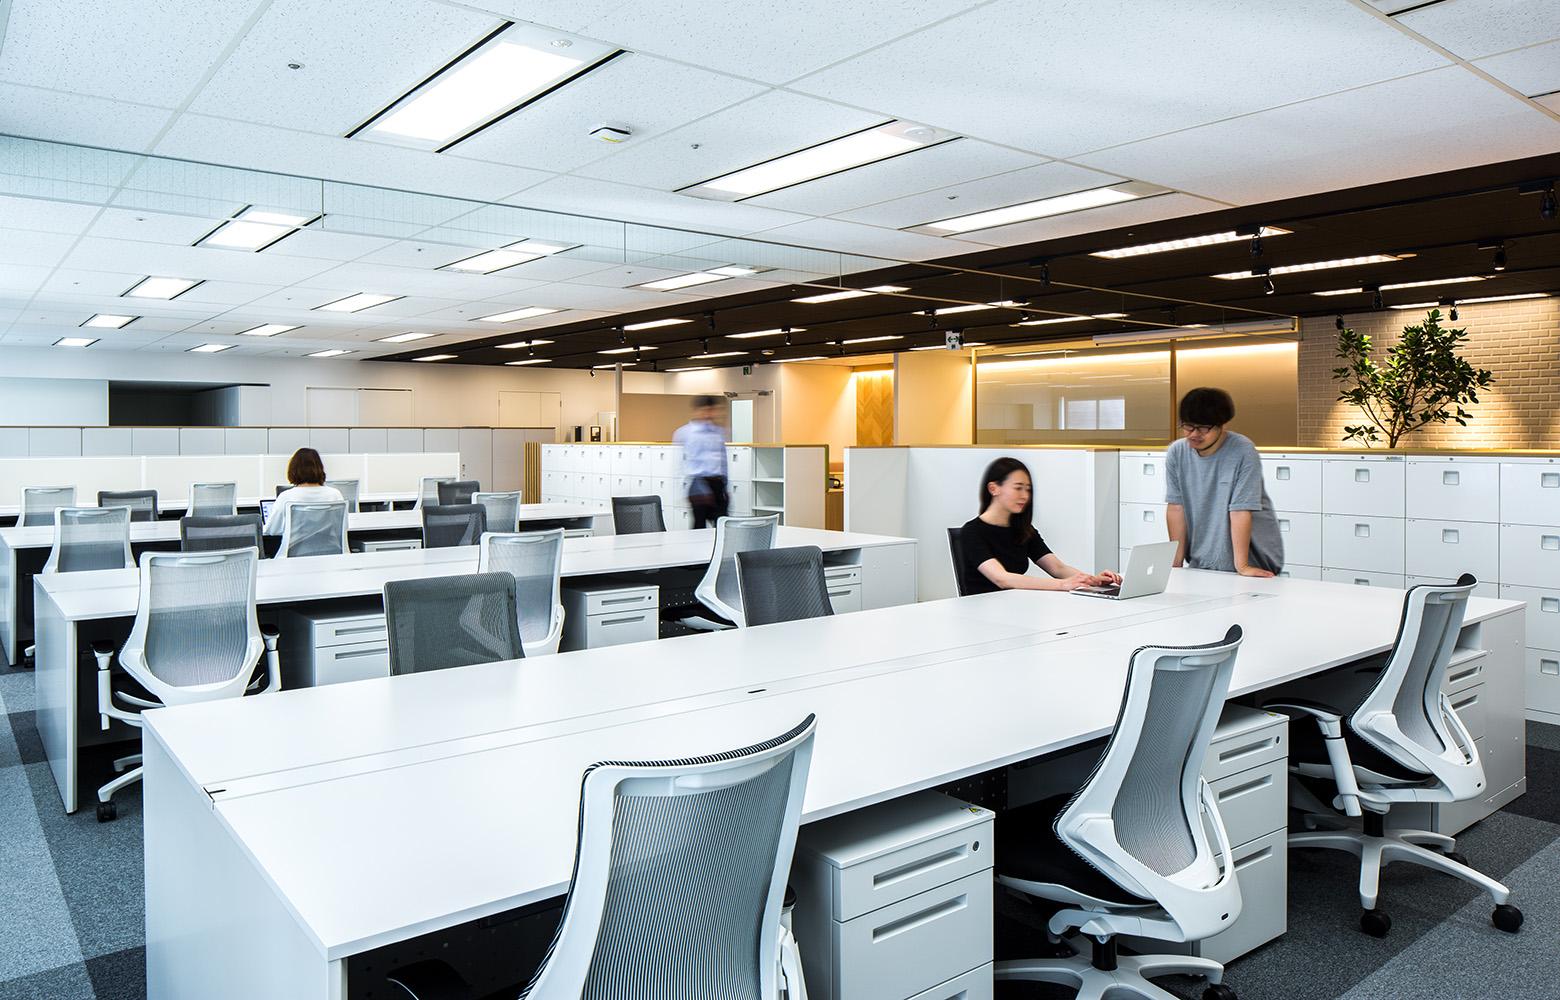 セントラル技研株式会社 Work Space デザイン・レイアウト事例